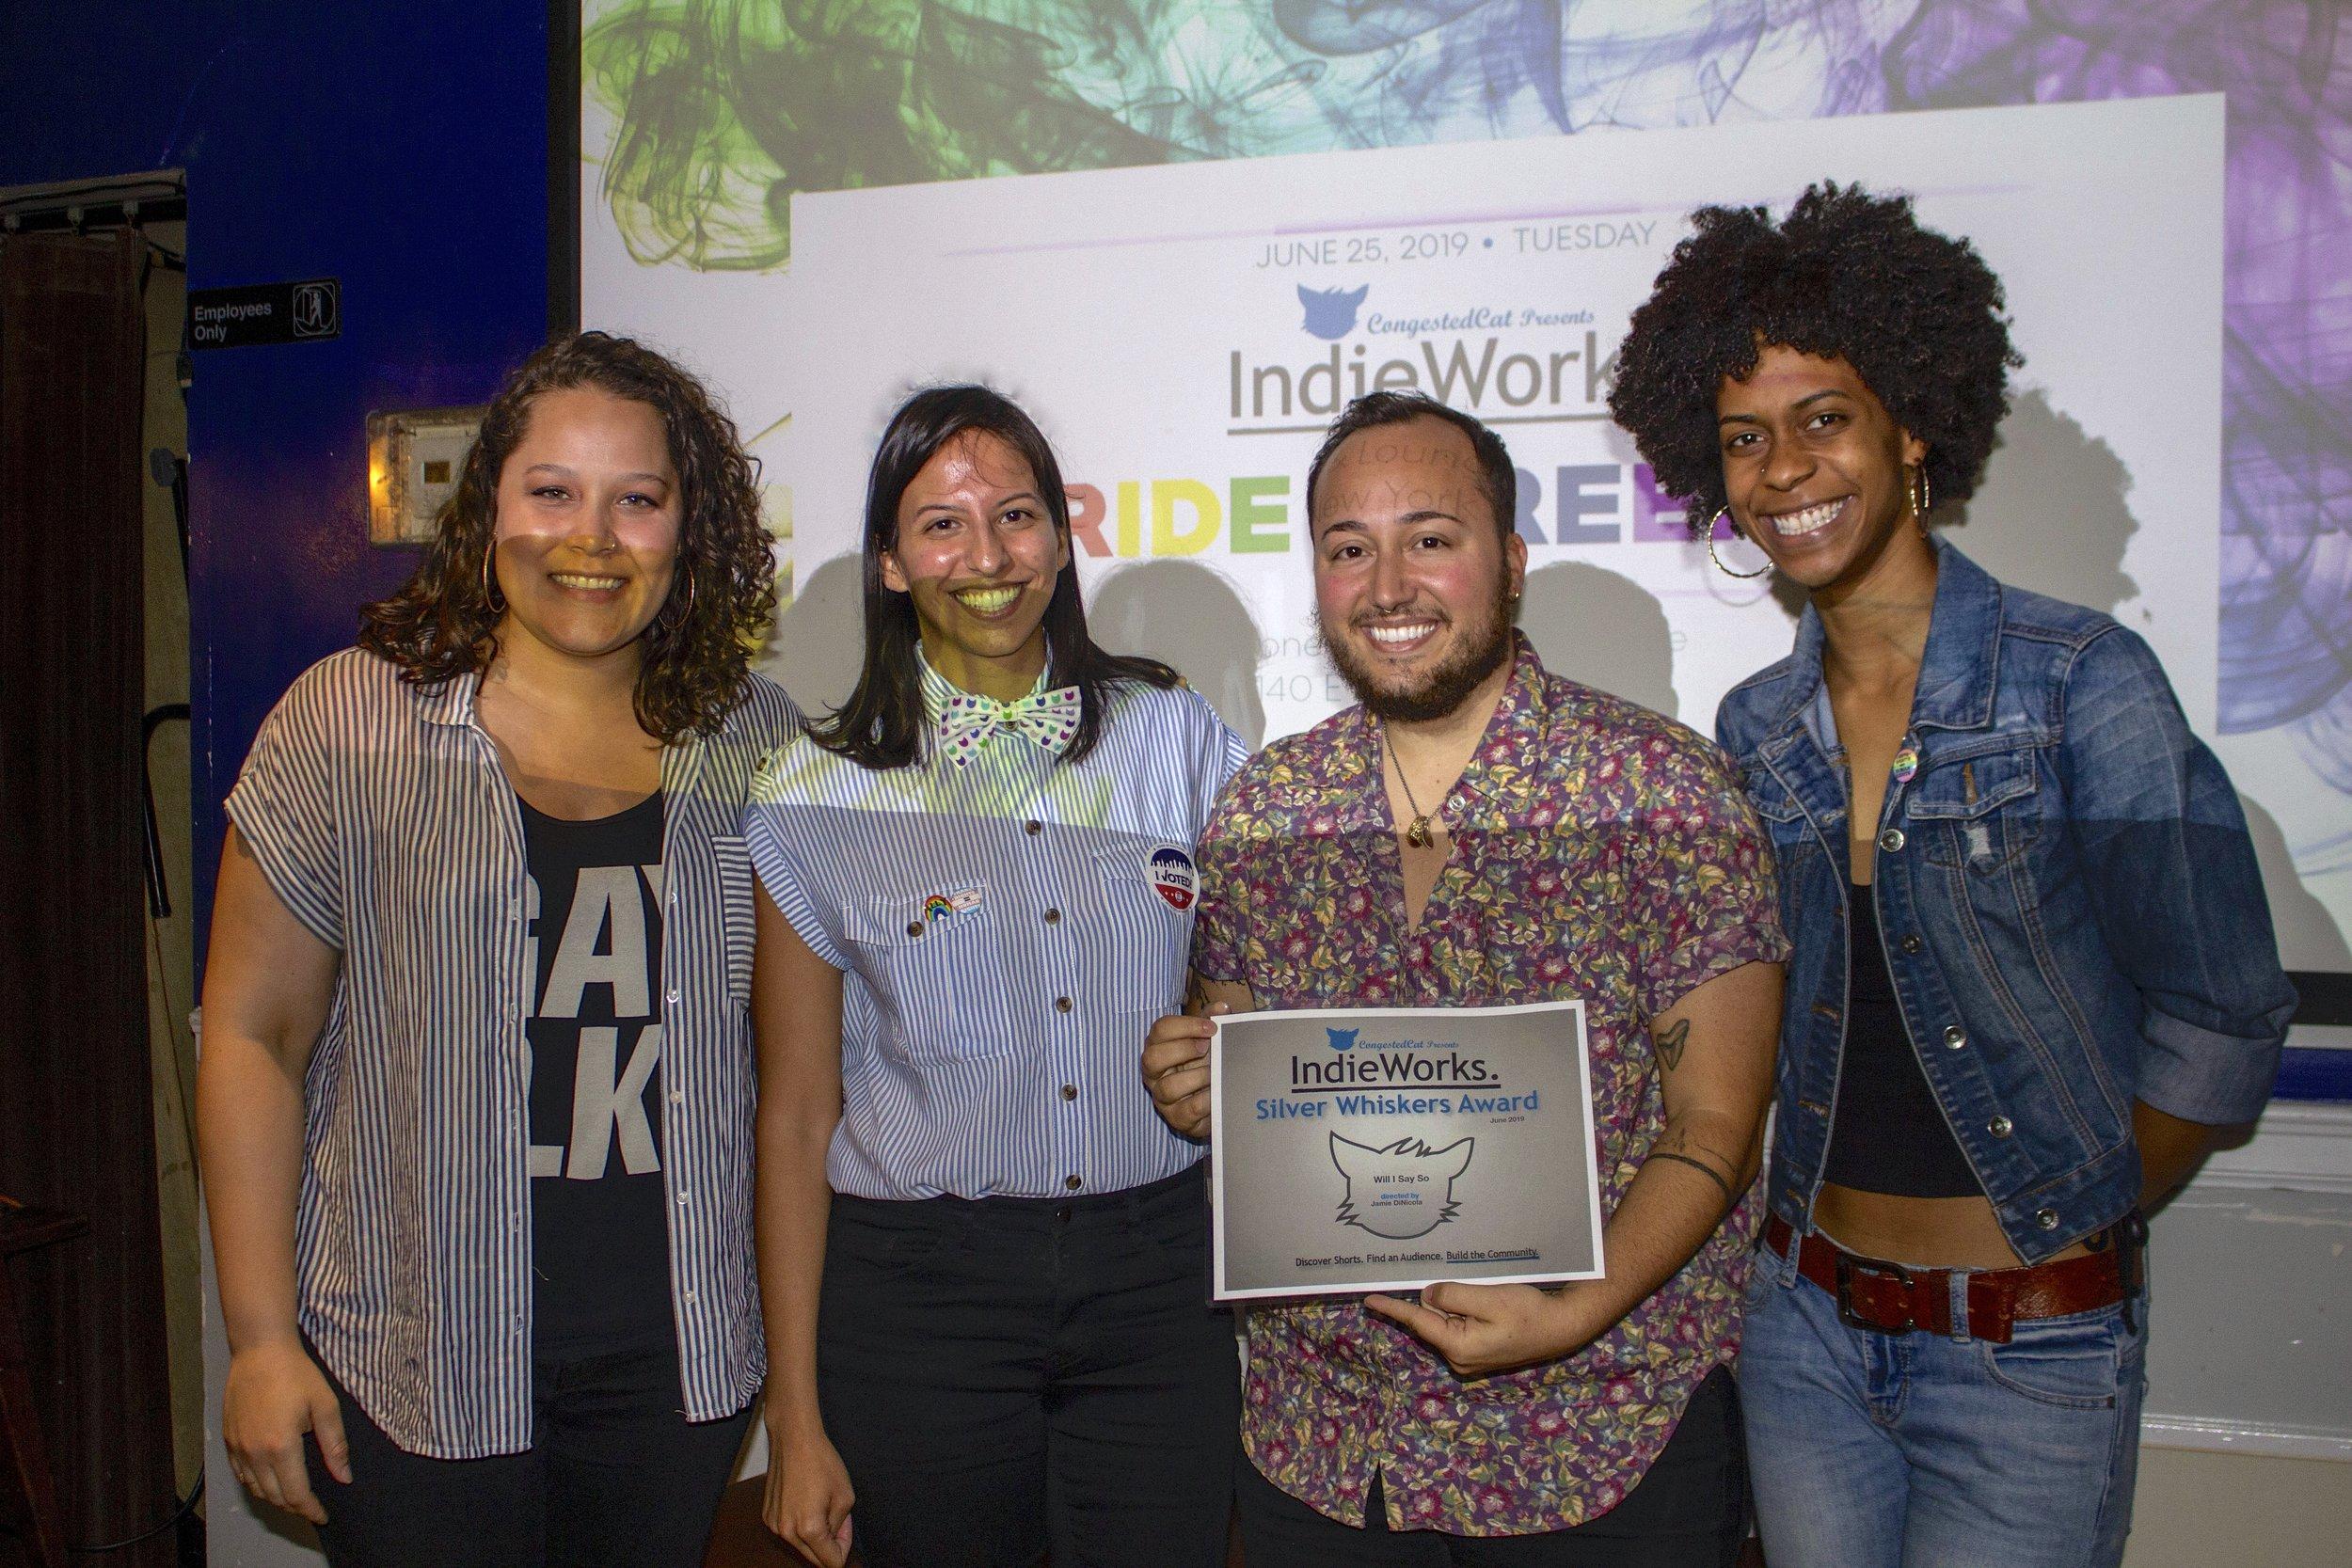 IndieWorks_Pride_27.jpg